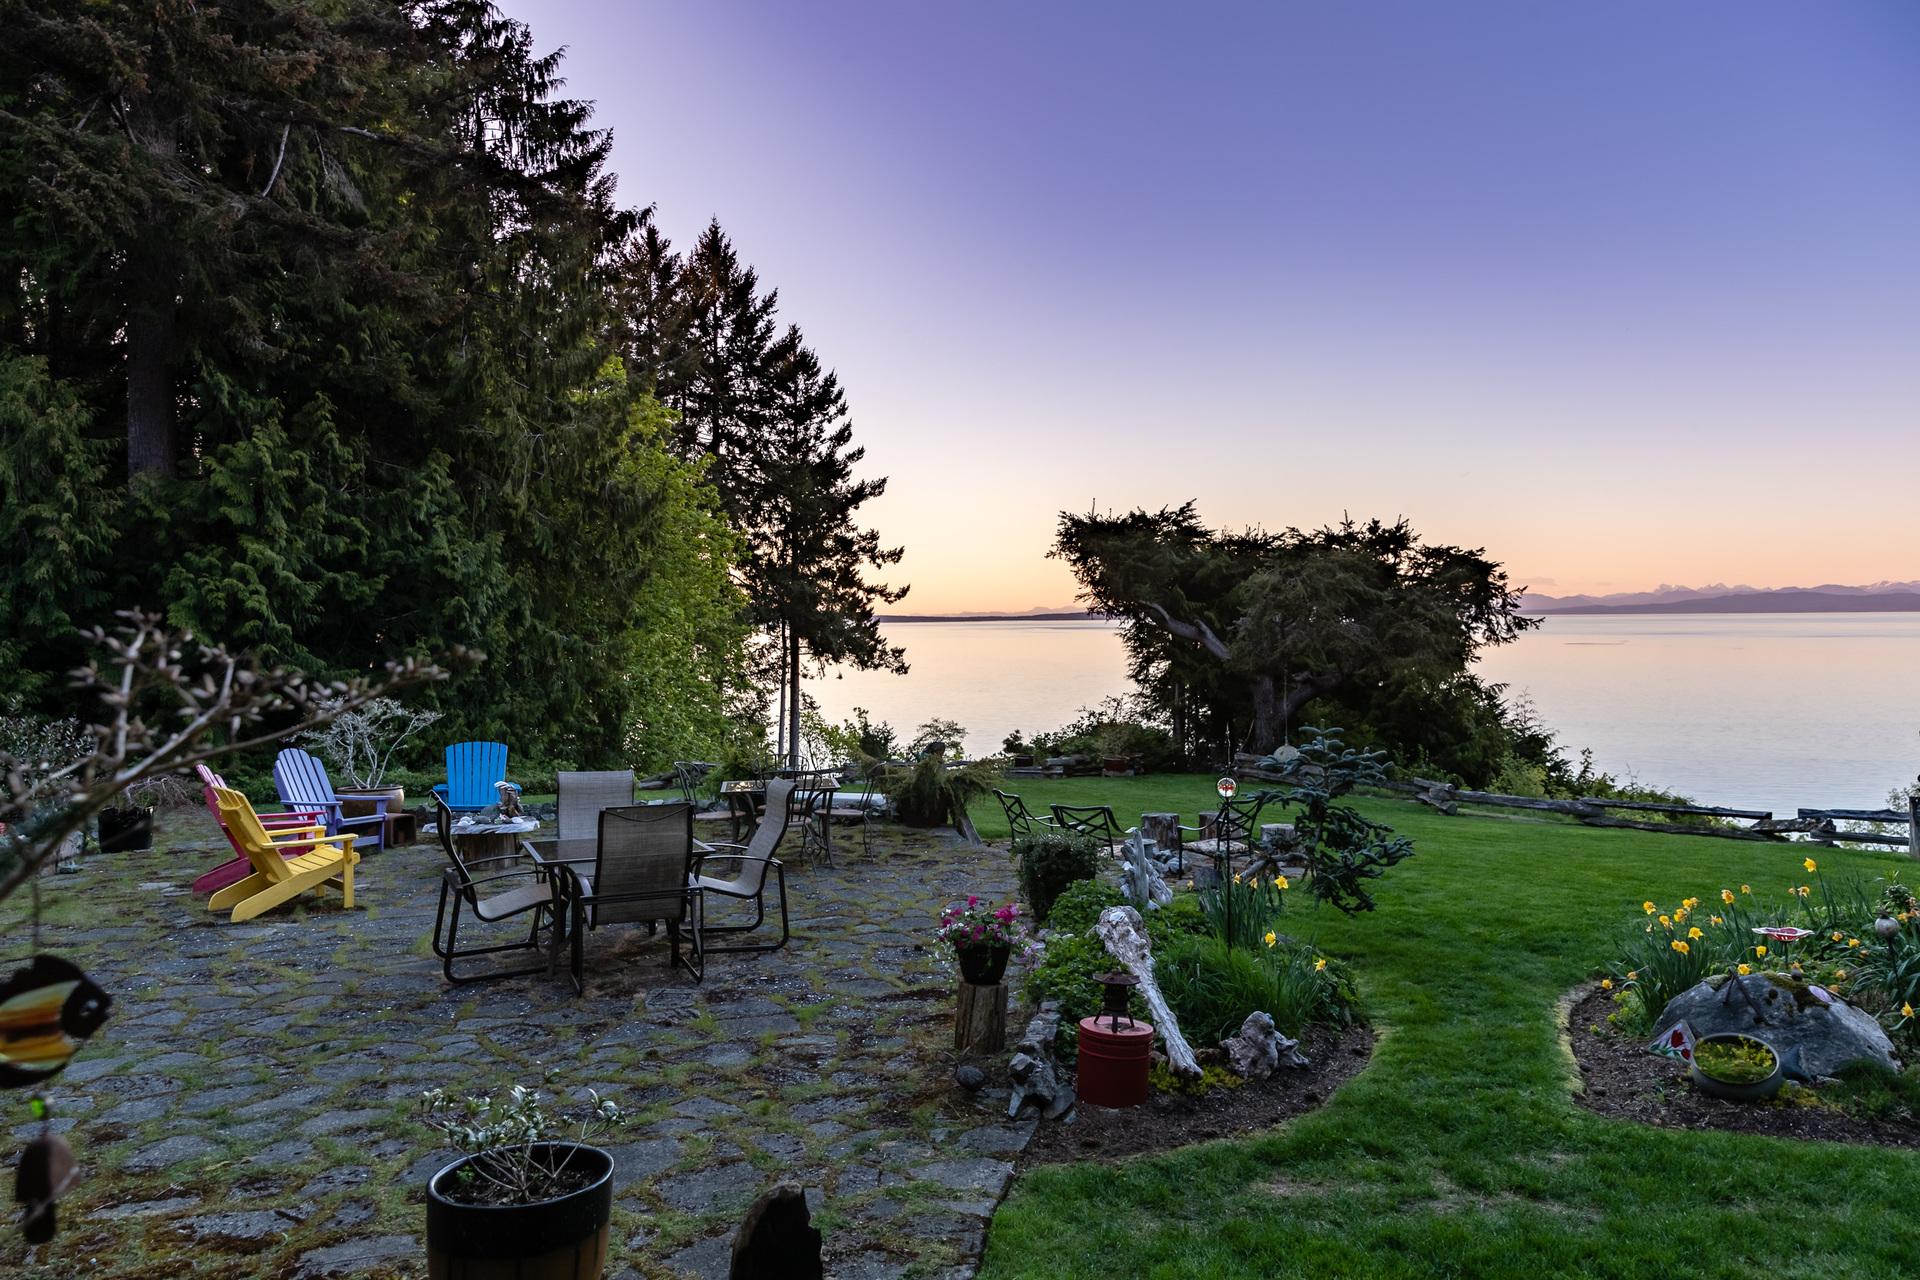 Westcoast Sunsets at 5101 Island Highway West, Qualicum Beach, Zone 05 - Parksville/Qualicum